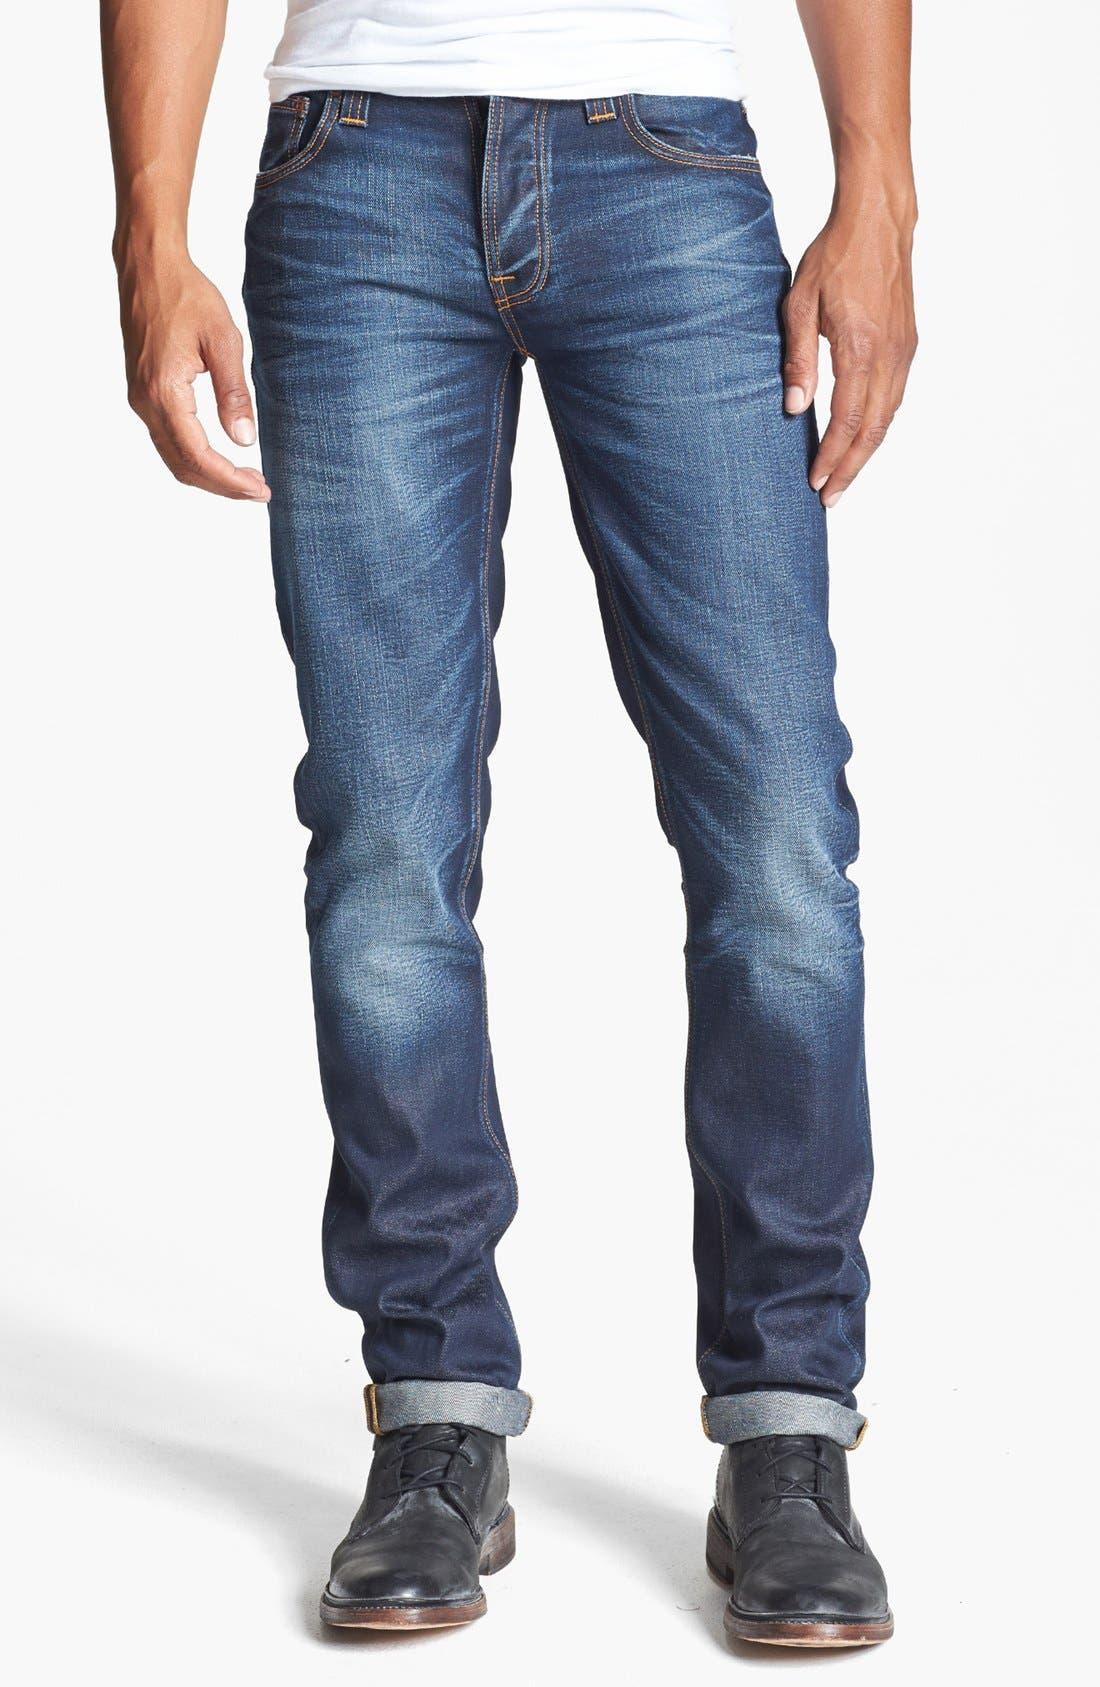 Alternate Image 2  - Nudie Jeans 'Grim Tim' Skinny Fit Jeans (Organic Steely Blue)